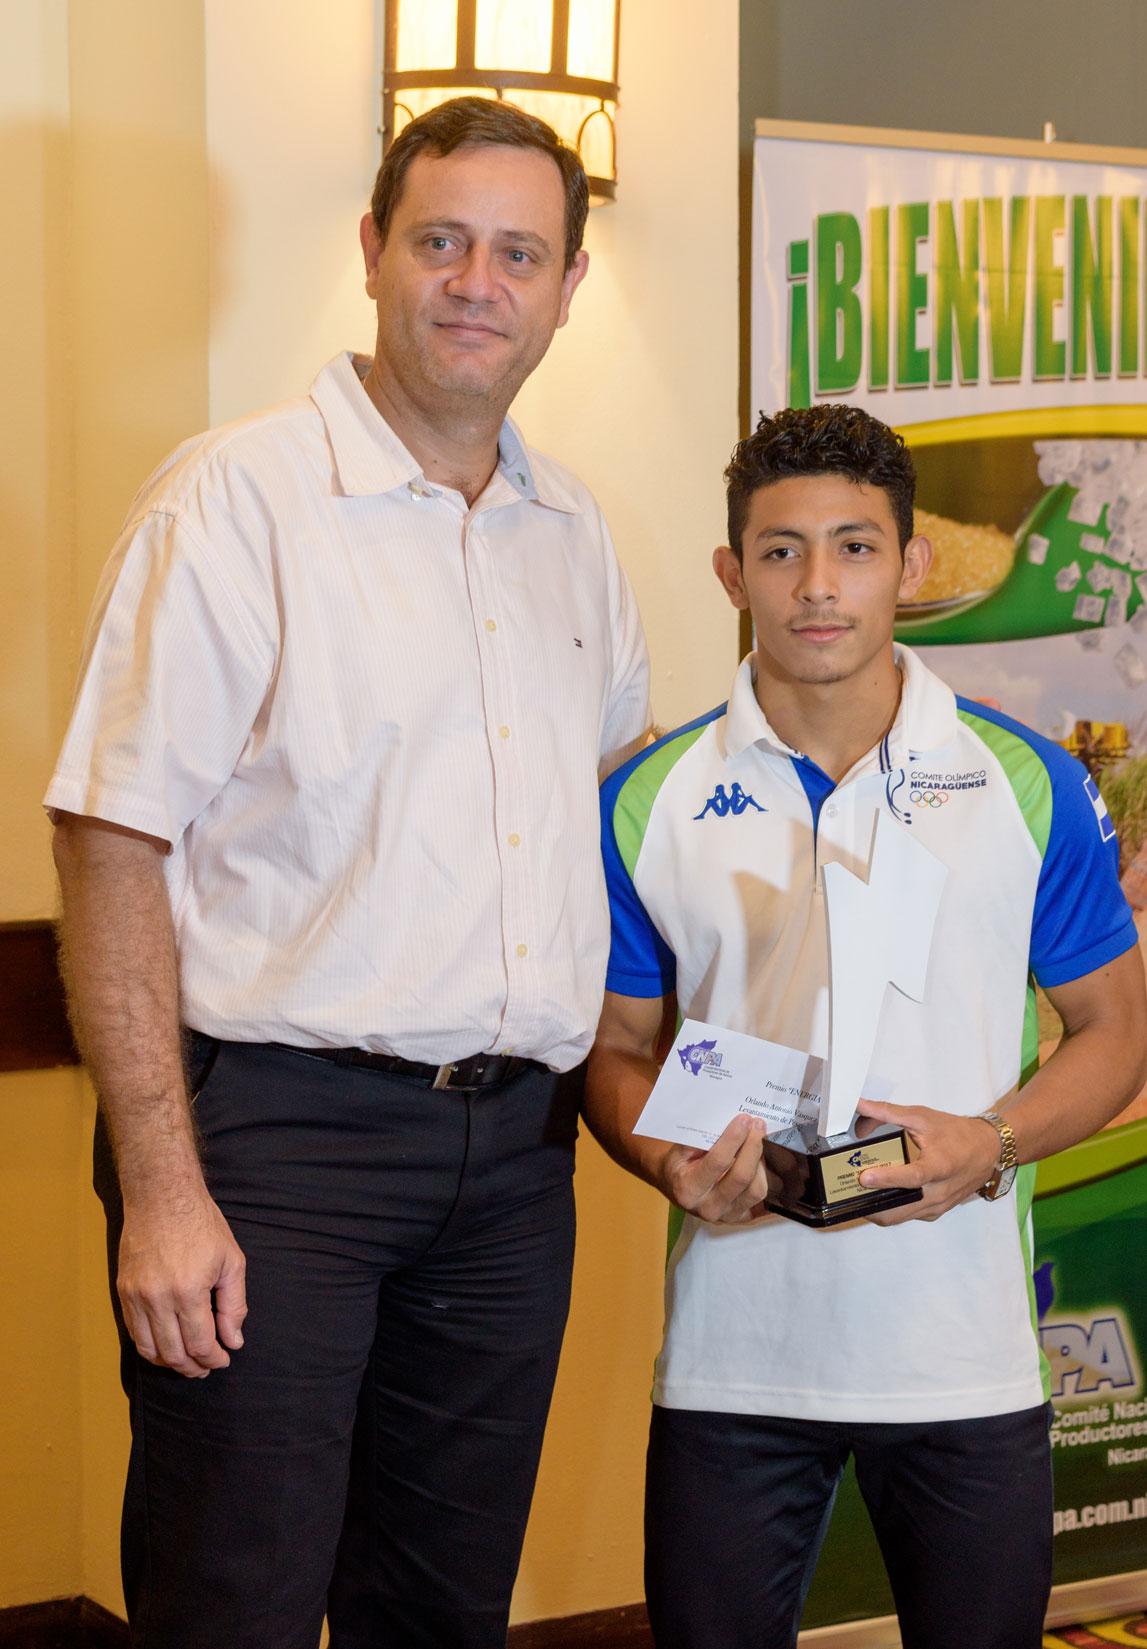 Premio-Energia-20133